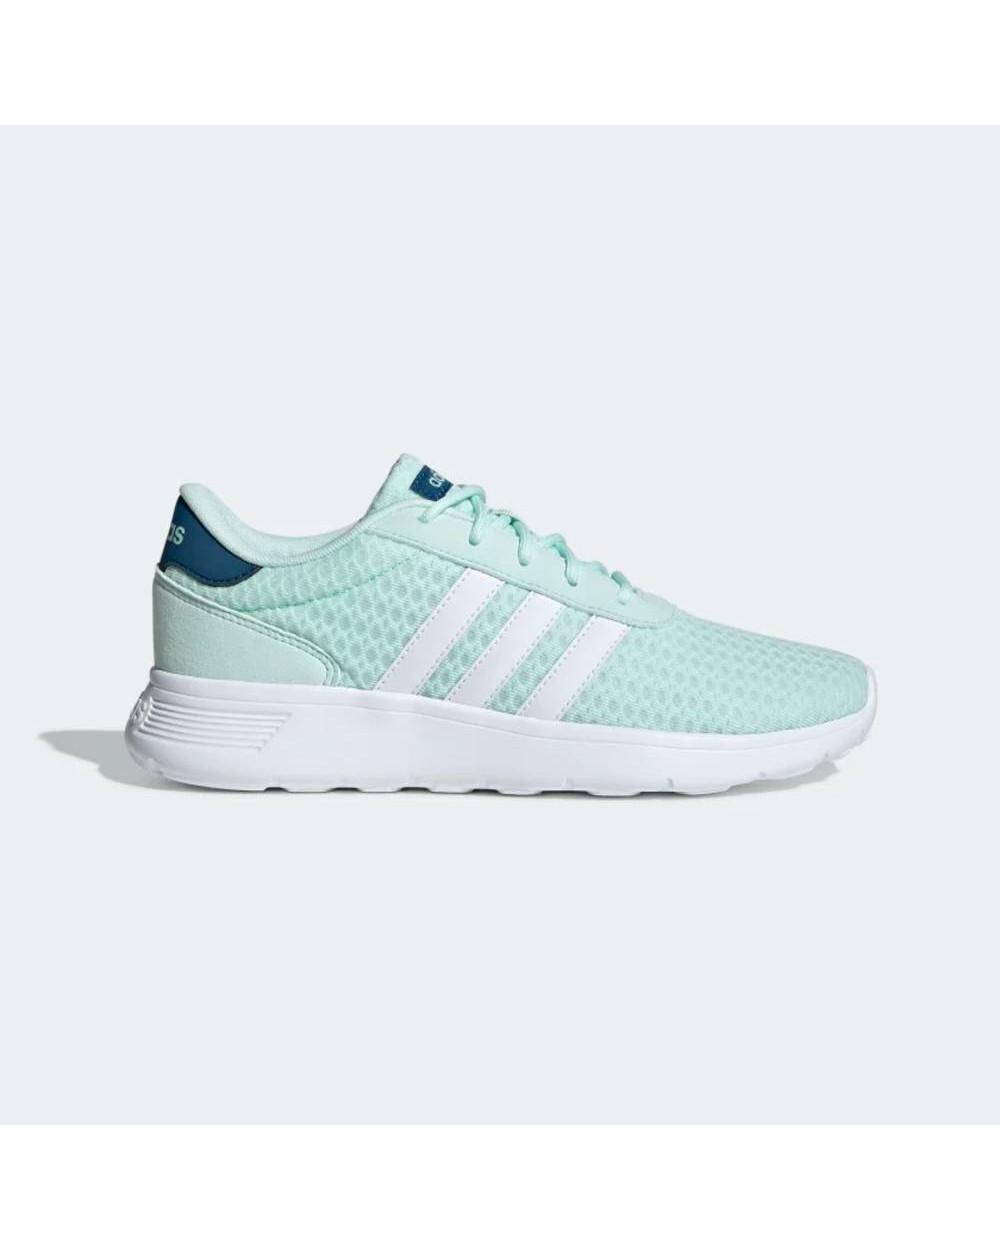 Zapatillas Adidas Racer Mujer 51 Descuento Bosca Ec